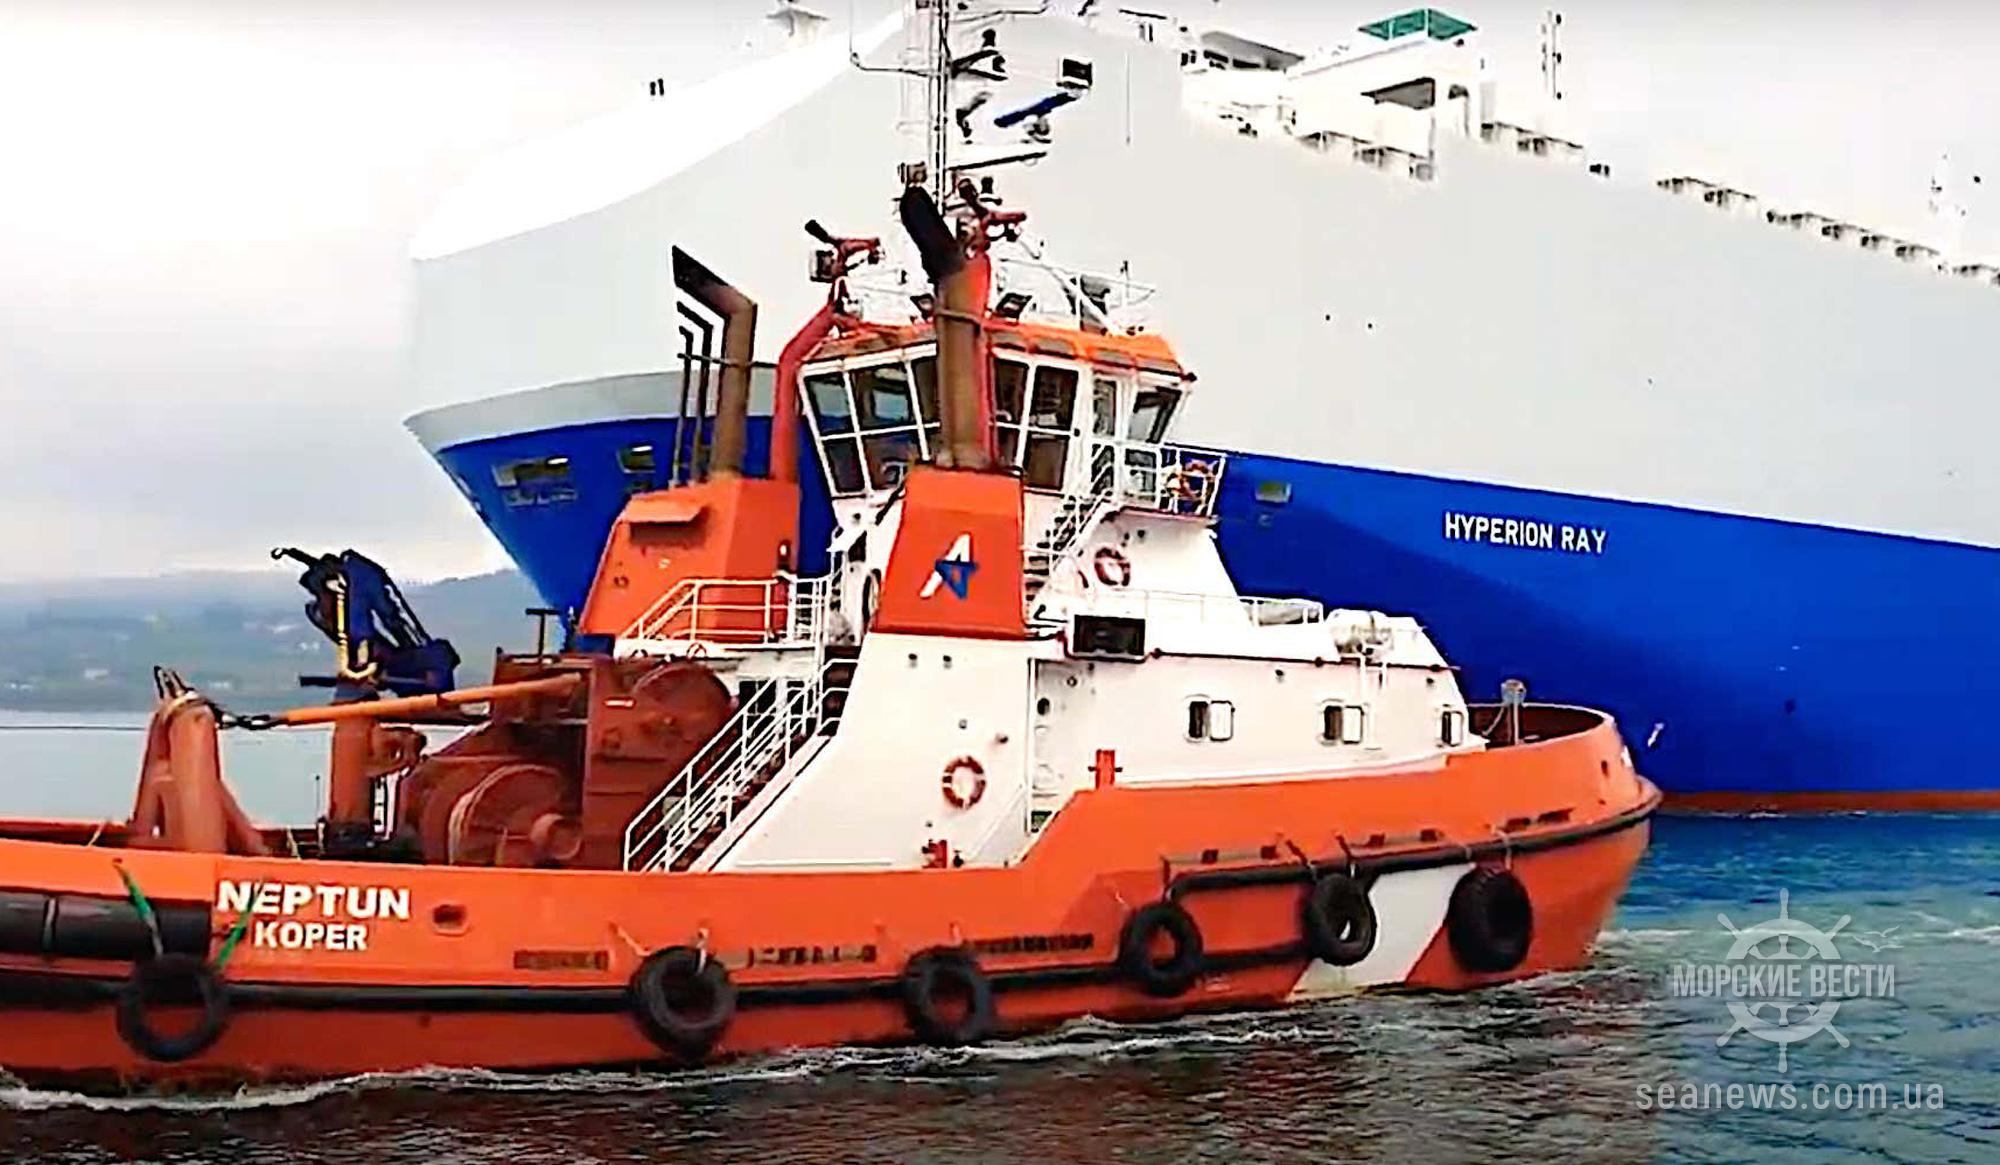 В Персидском заливе обстреляли принадлежащее Израилю судно